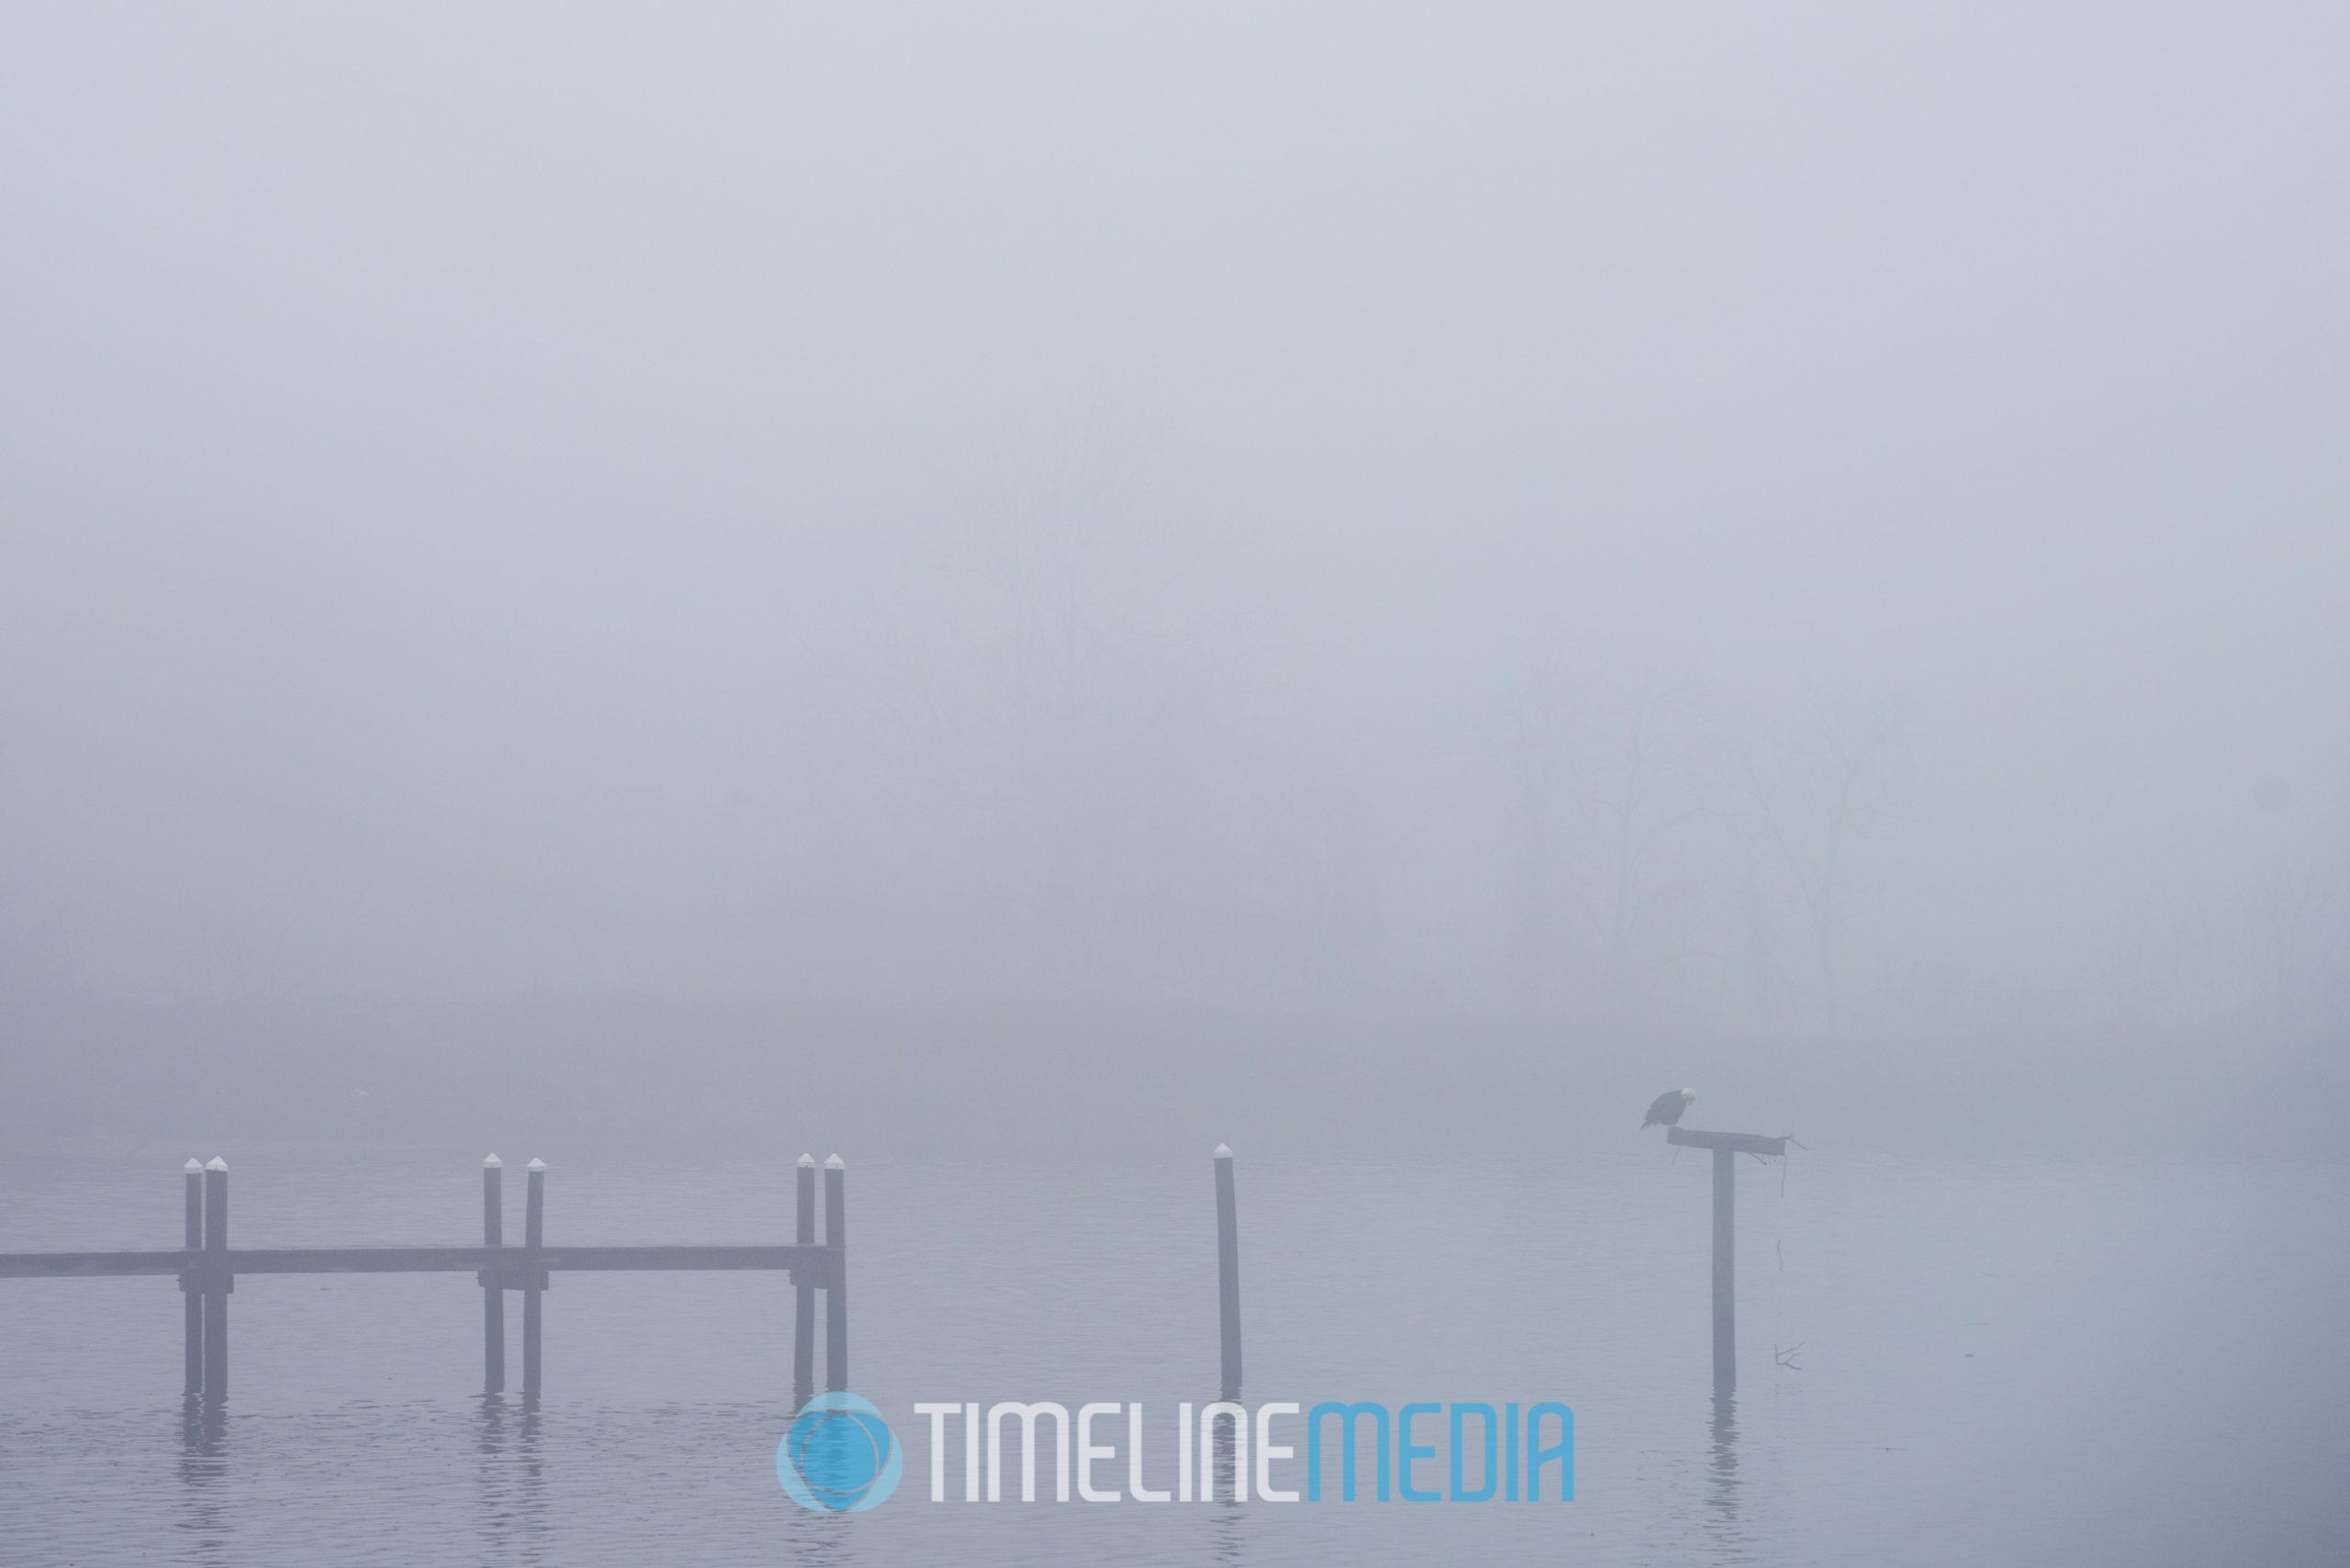 End of pier over a foggy river ©TimeLine Media